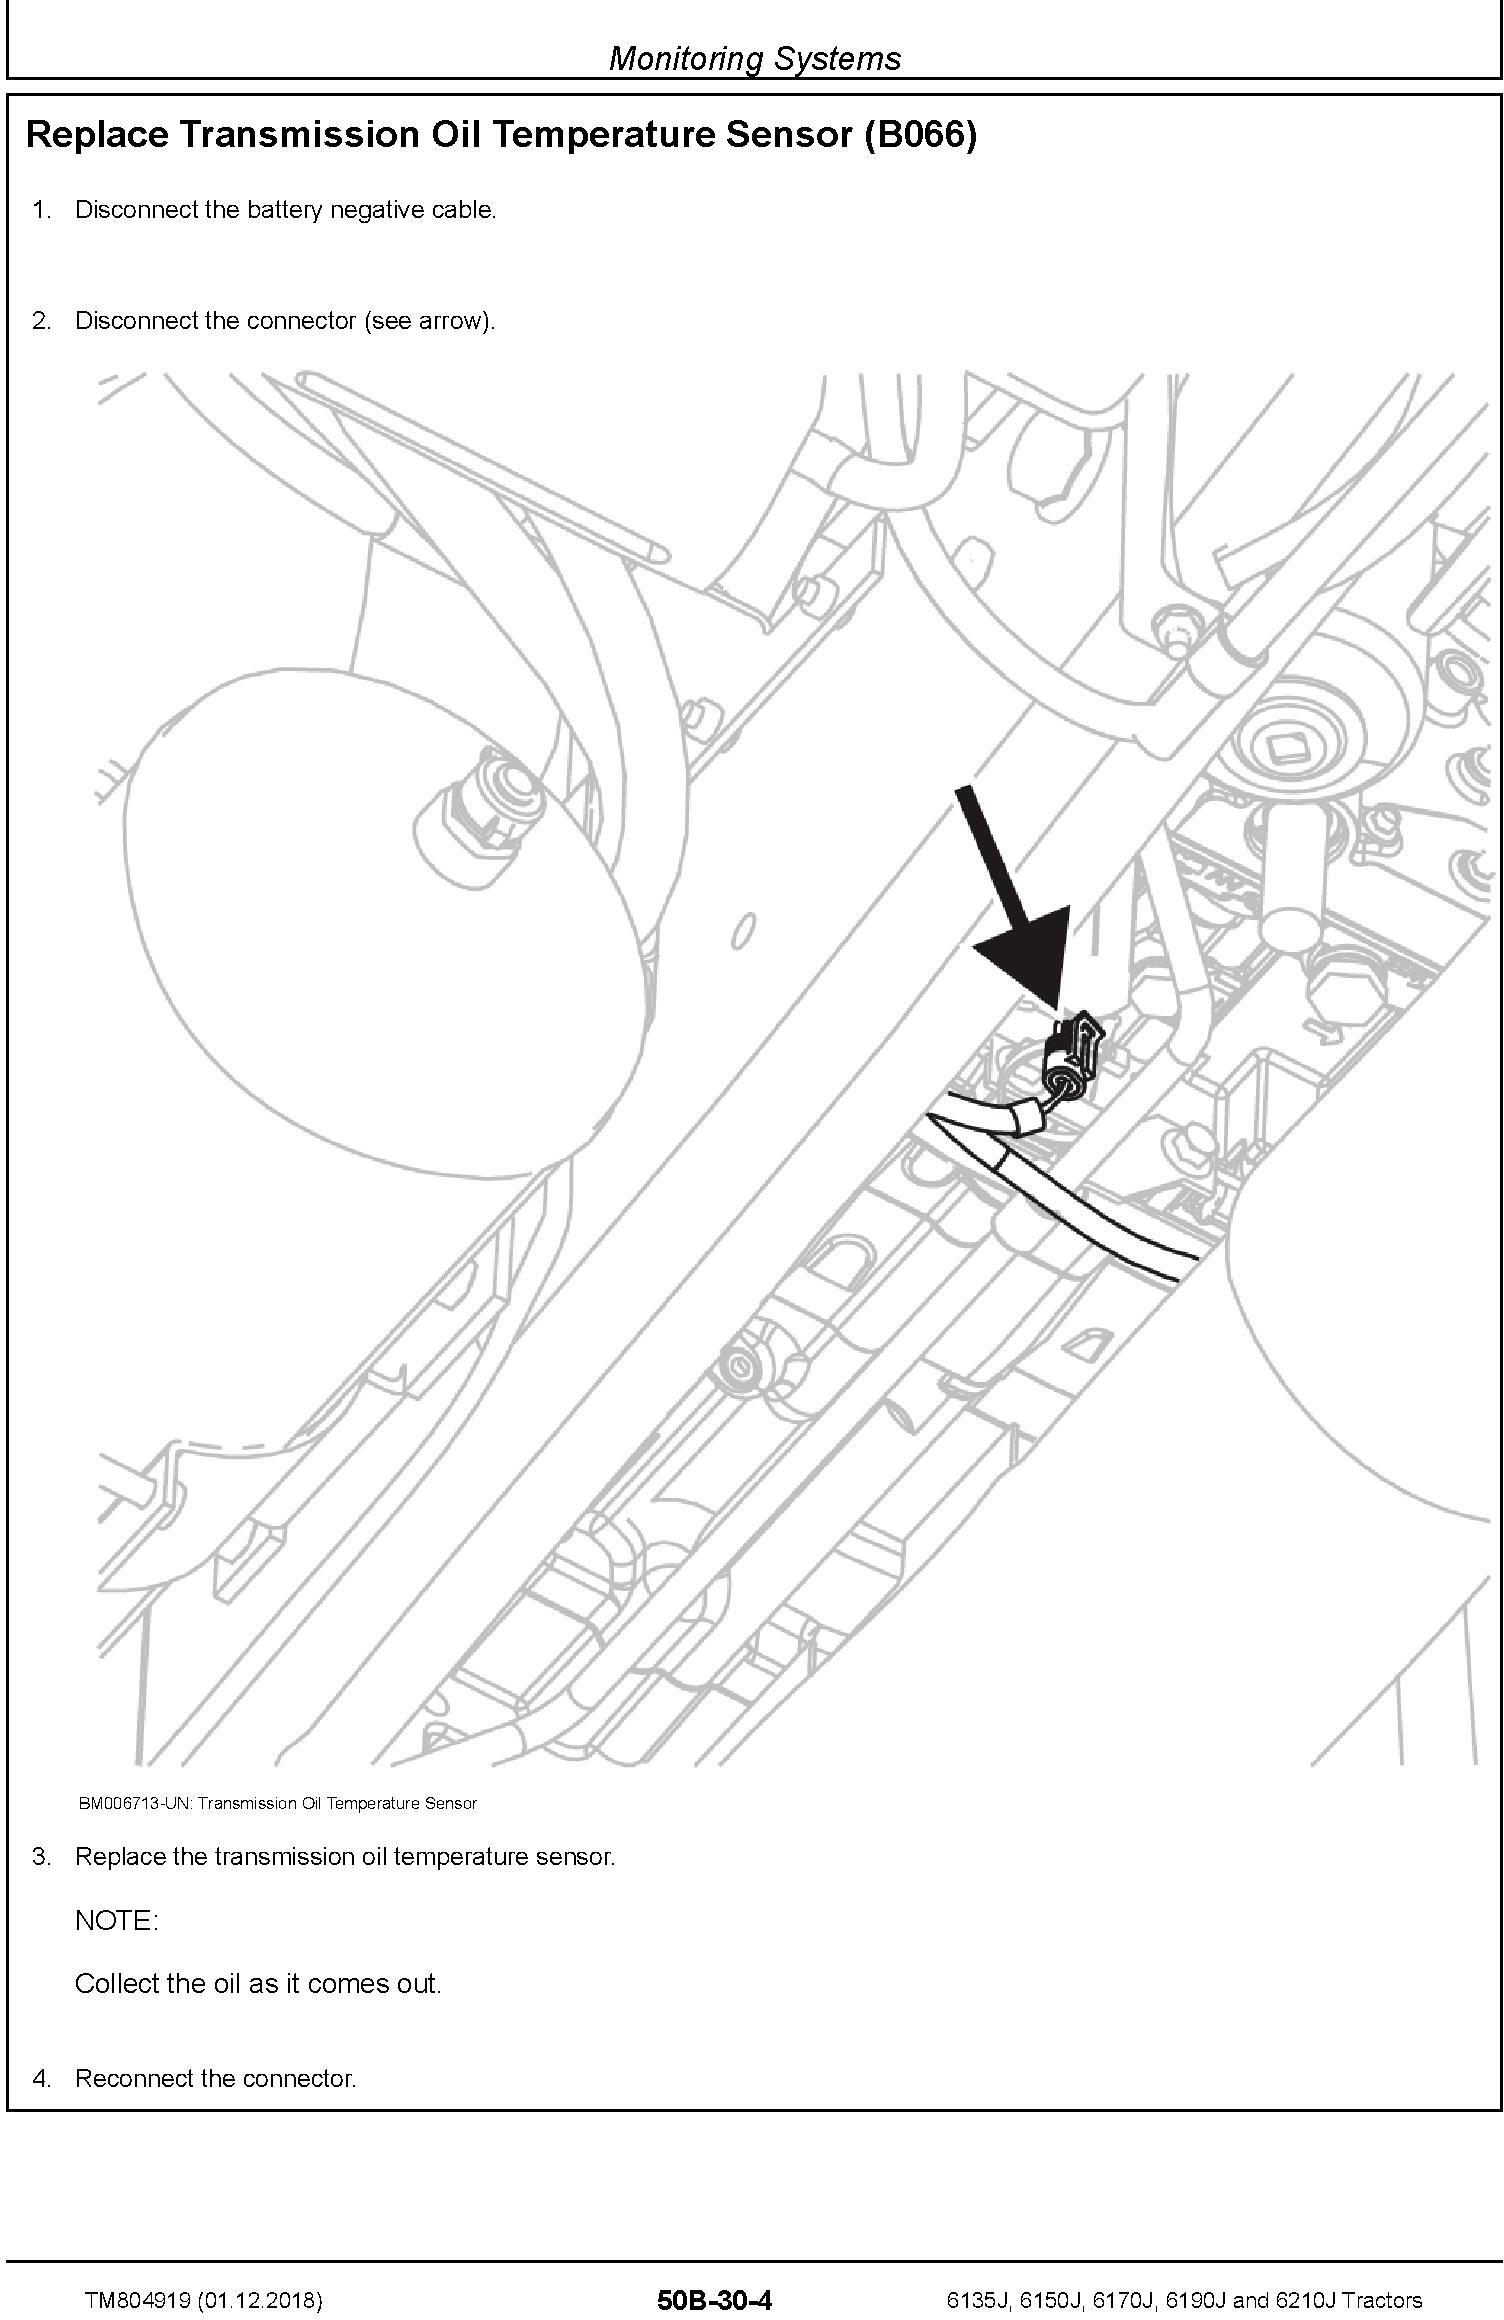 John Deere 6135J, 6150J, 6170J, 6190J and 6210J Tractors Service Repair Technical Manual (TM804919) - 3